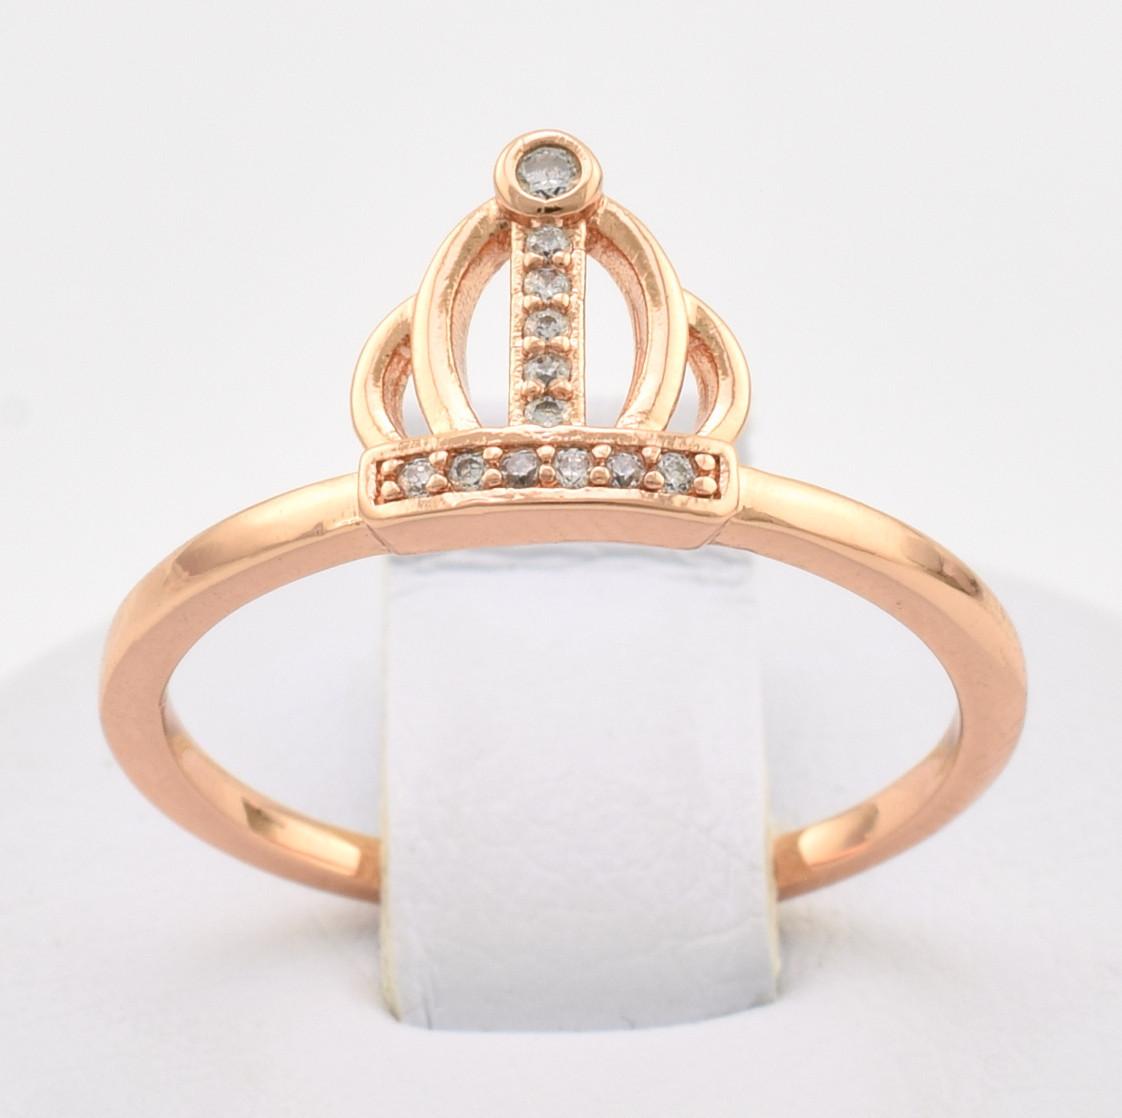 Кольцо Xuping Корона 10704 размер 18 белые фианиты позолота РО